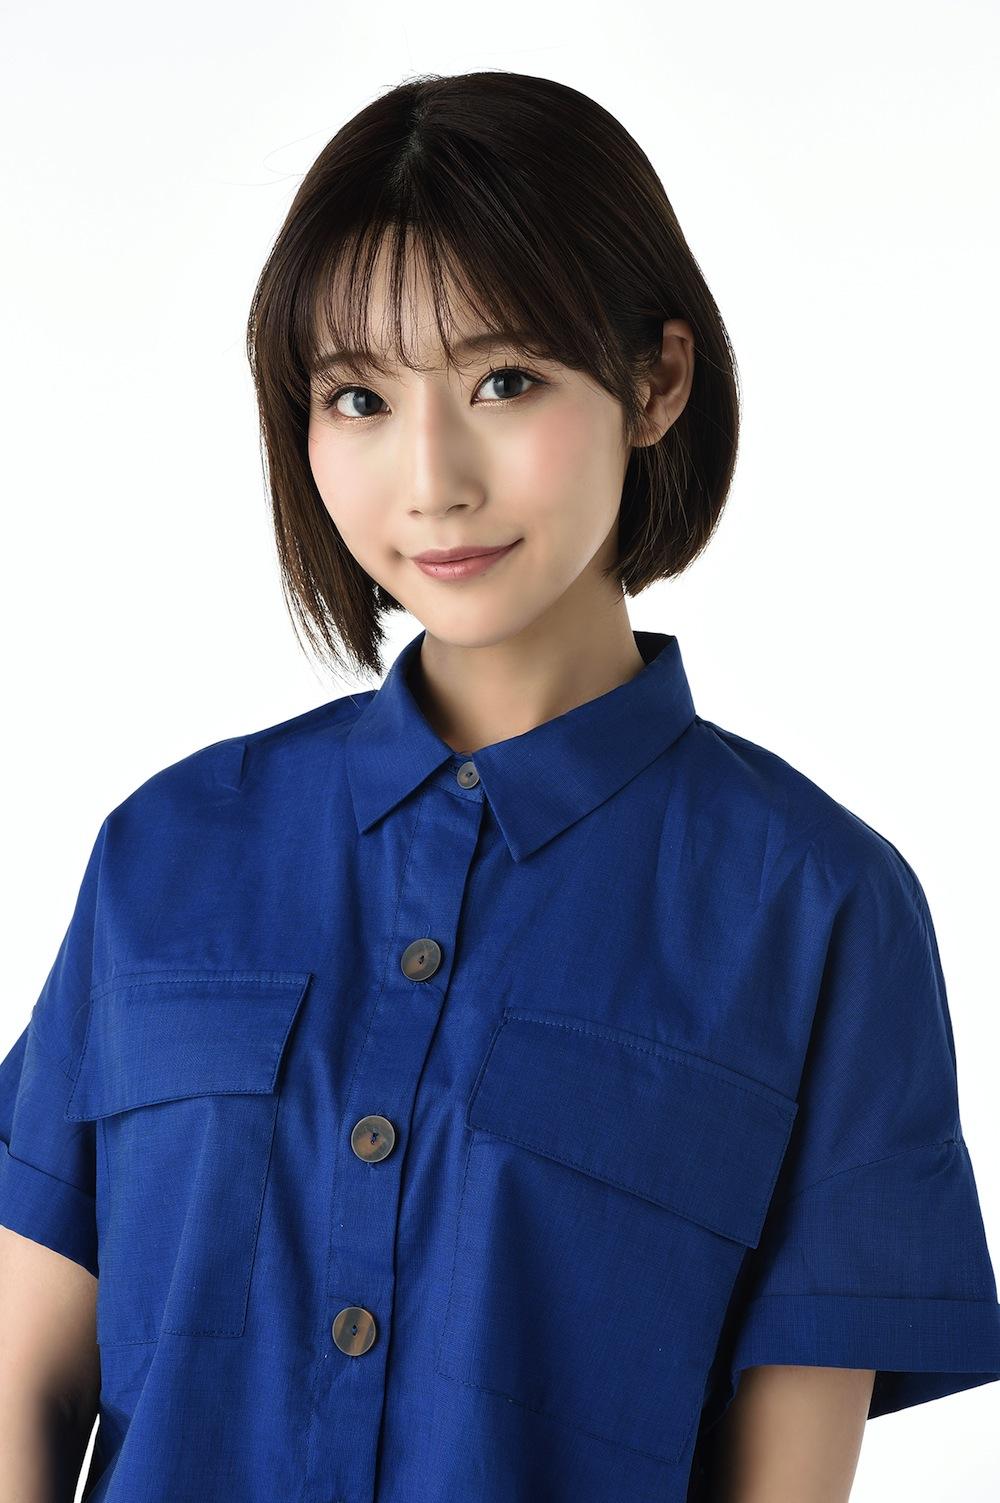 蒼川愛(あおかわあい)女優・モデル